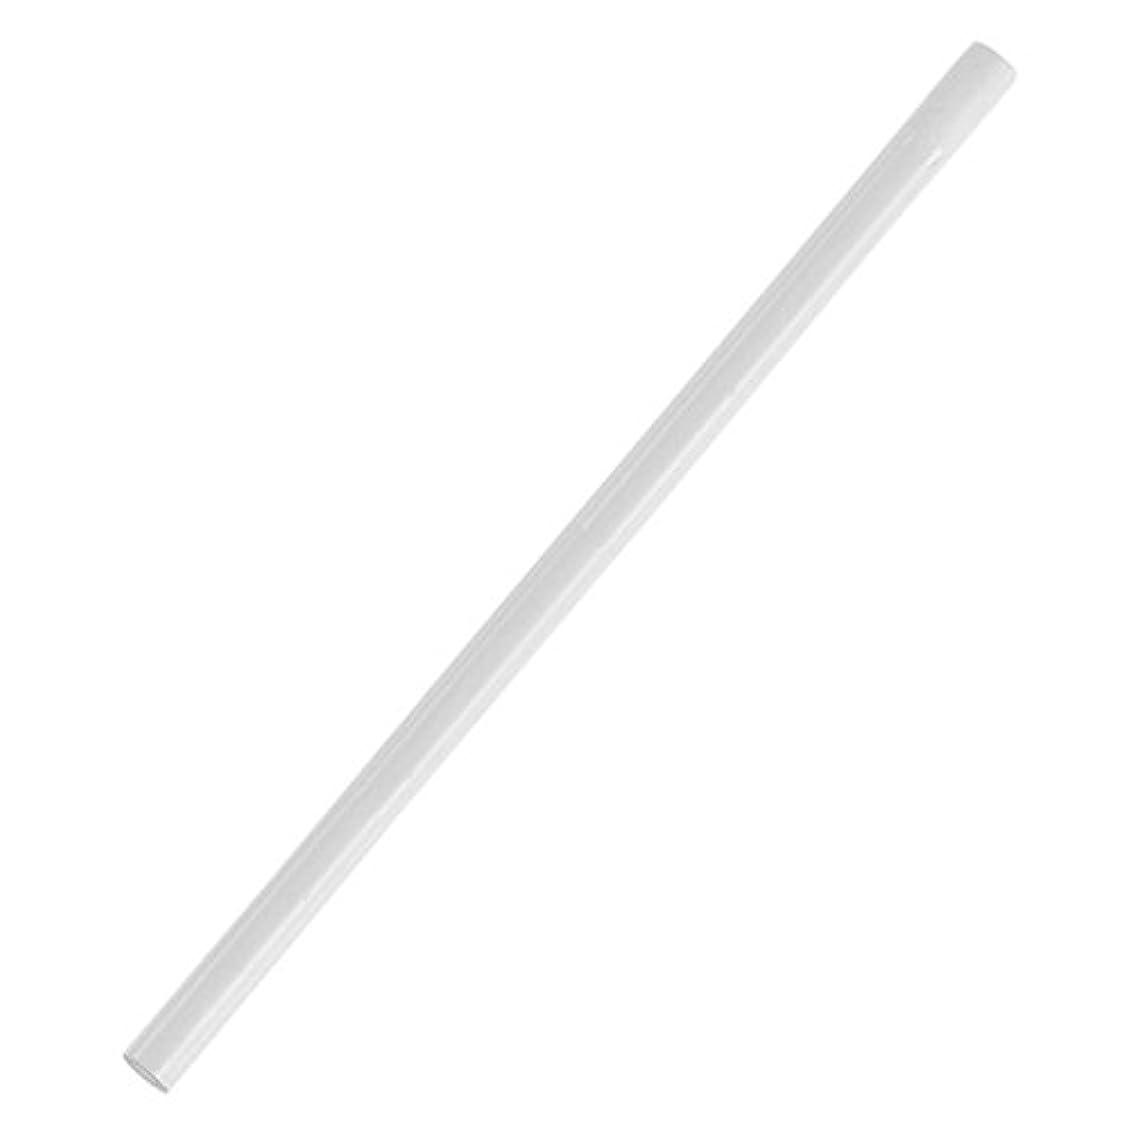 歪める汚染された第二Vaorwne 10x白いドット打ち鉛筆 ネイルアートラインストーン宝石3Dデザインのため 画家デコレーション ピッキングツール